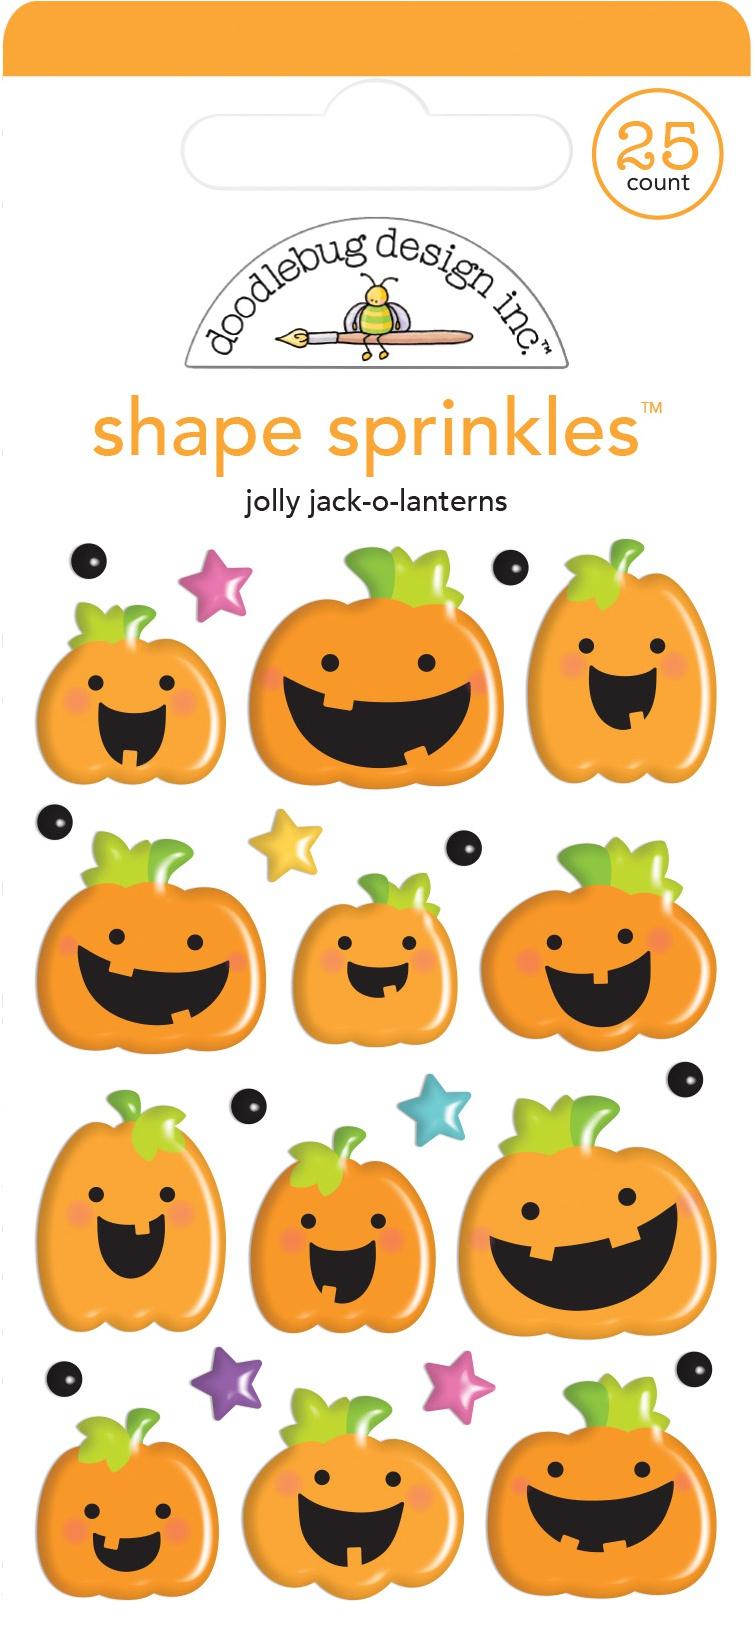 Doodlebug Sprinkles Adhesive Glossy Enamel Shapes-Jolly Jack-O-Lanterns, Candy C...